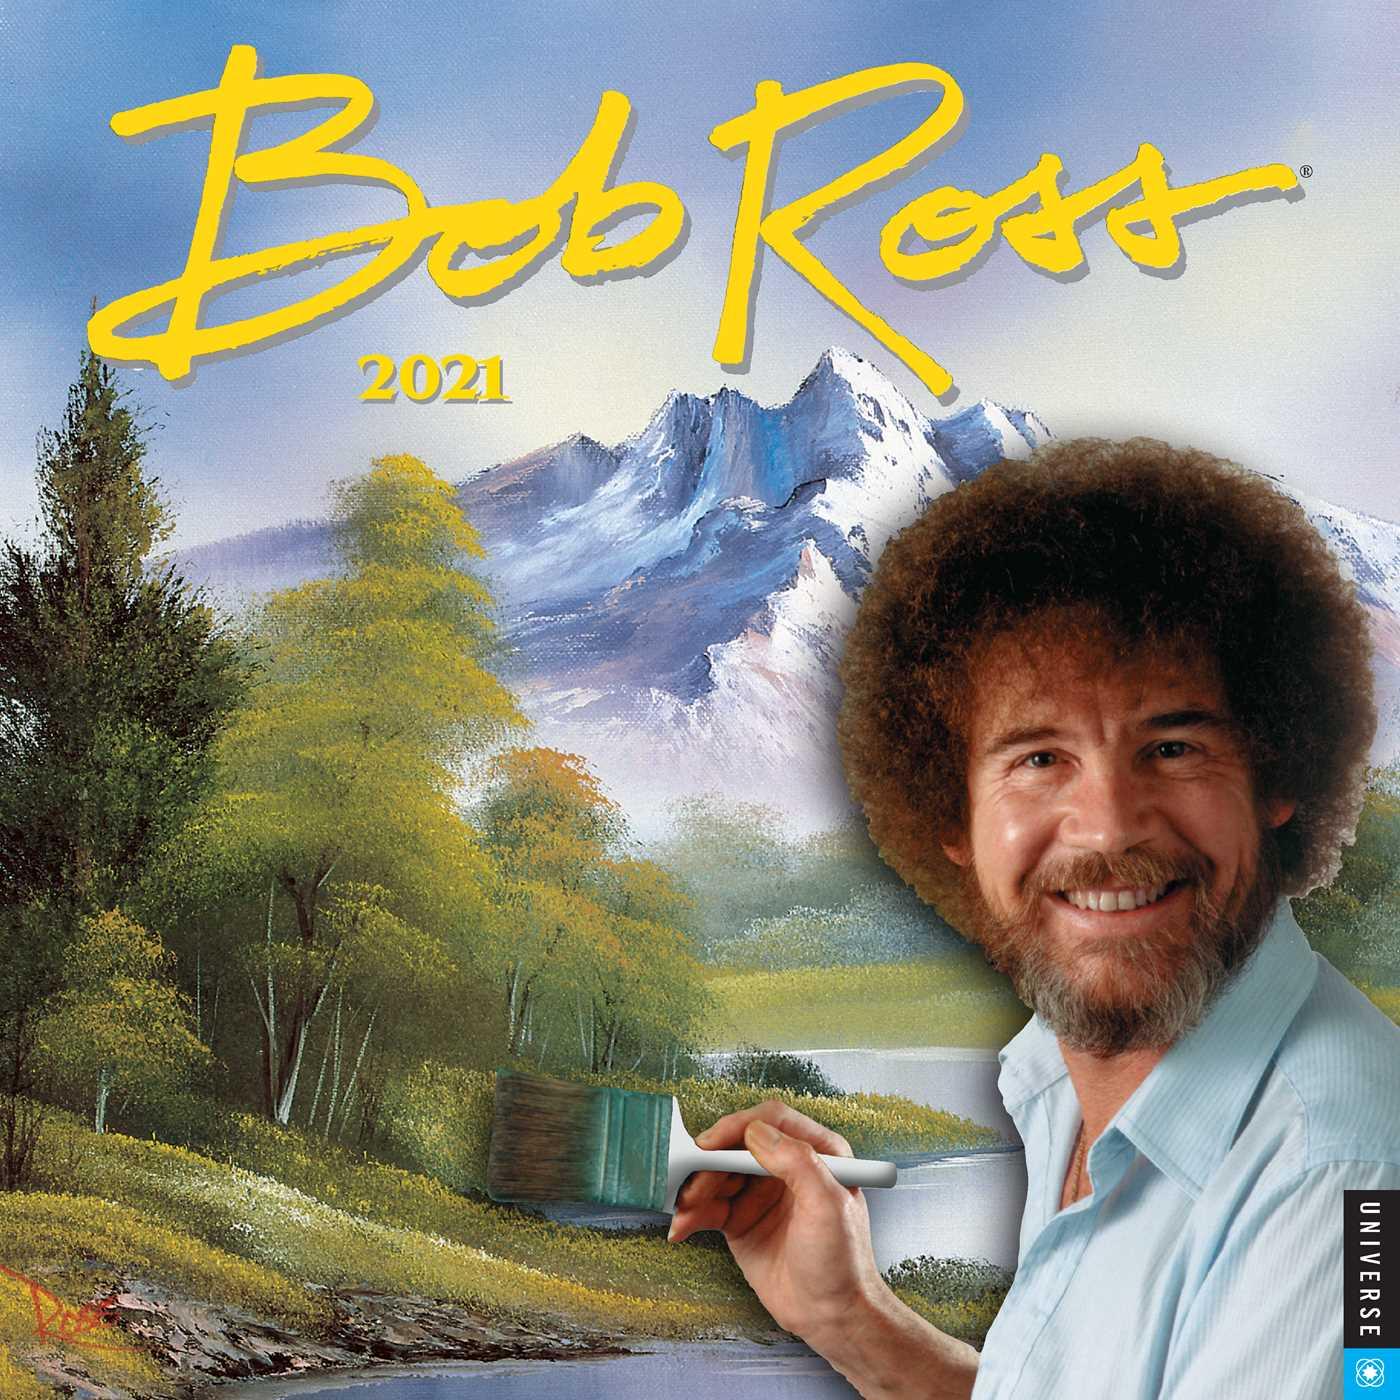 bob-ross-2021-wall-calendar-9780789338488_hr-2.jpg